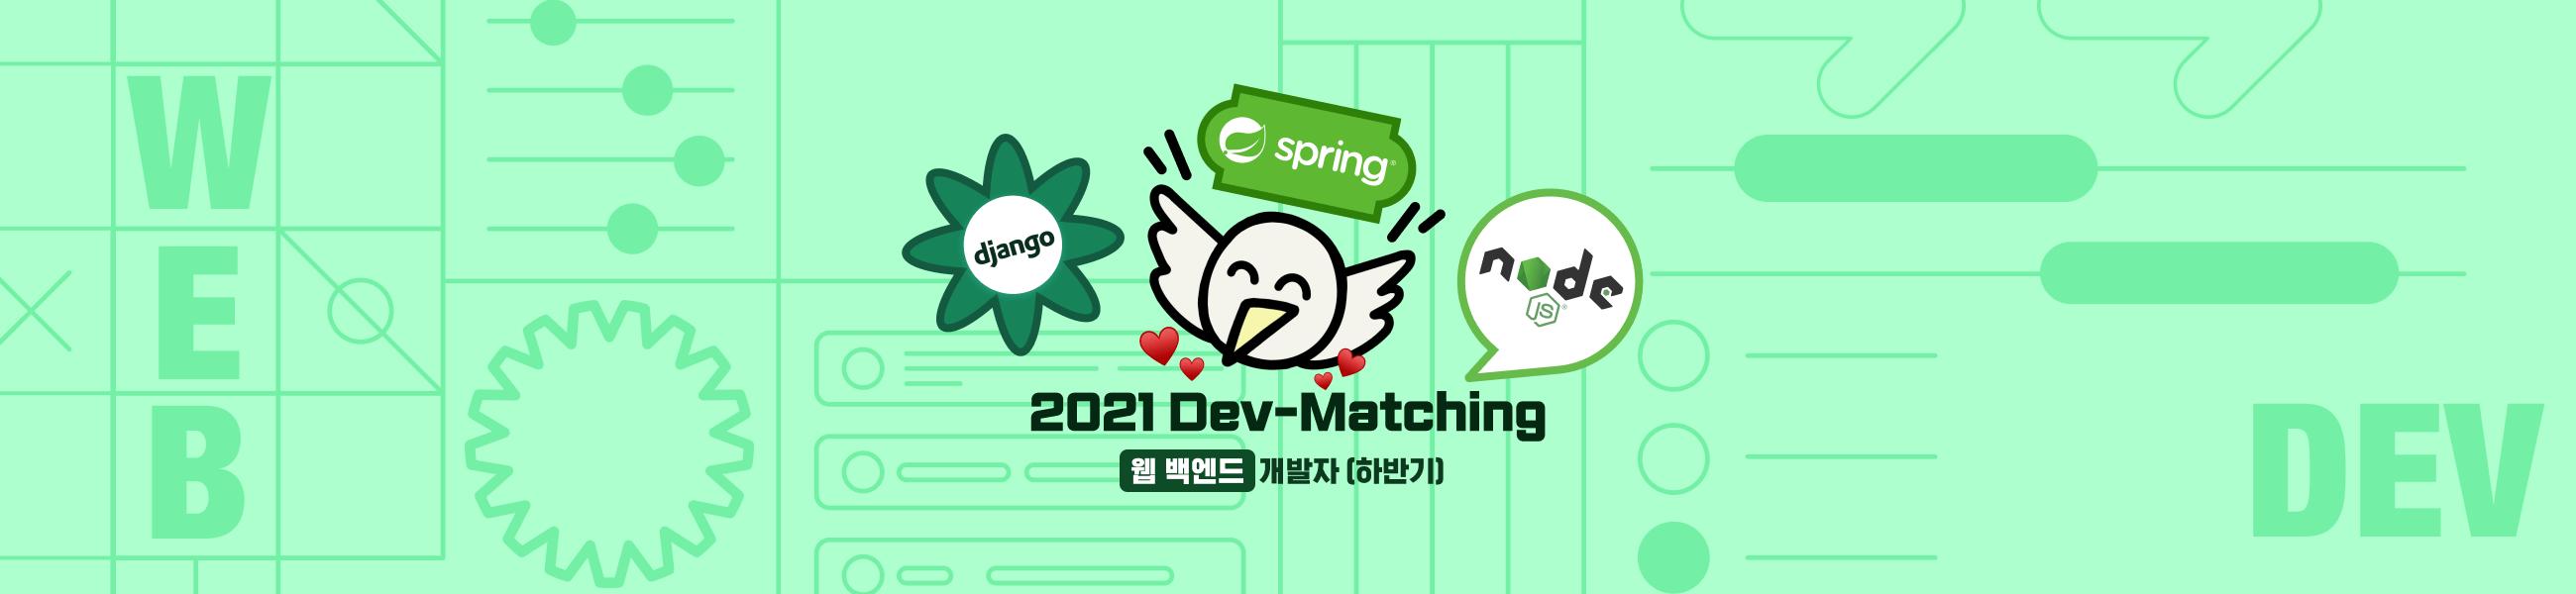 2021 Dev-Matching: 웹 백엔드 개발자(하반기)의 이미지